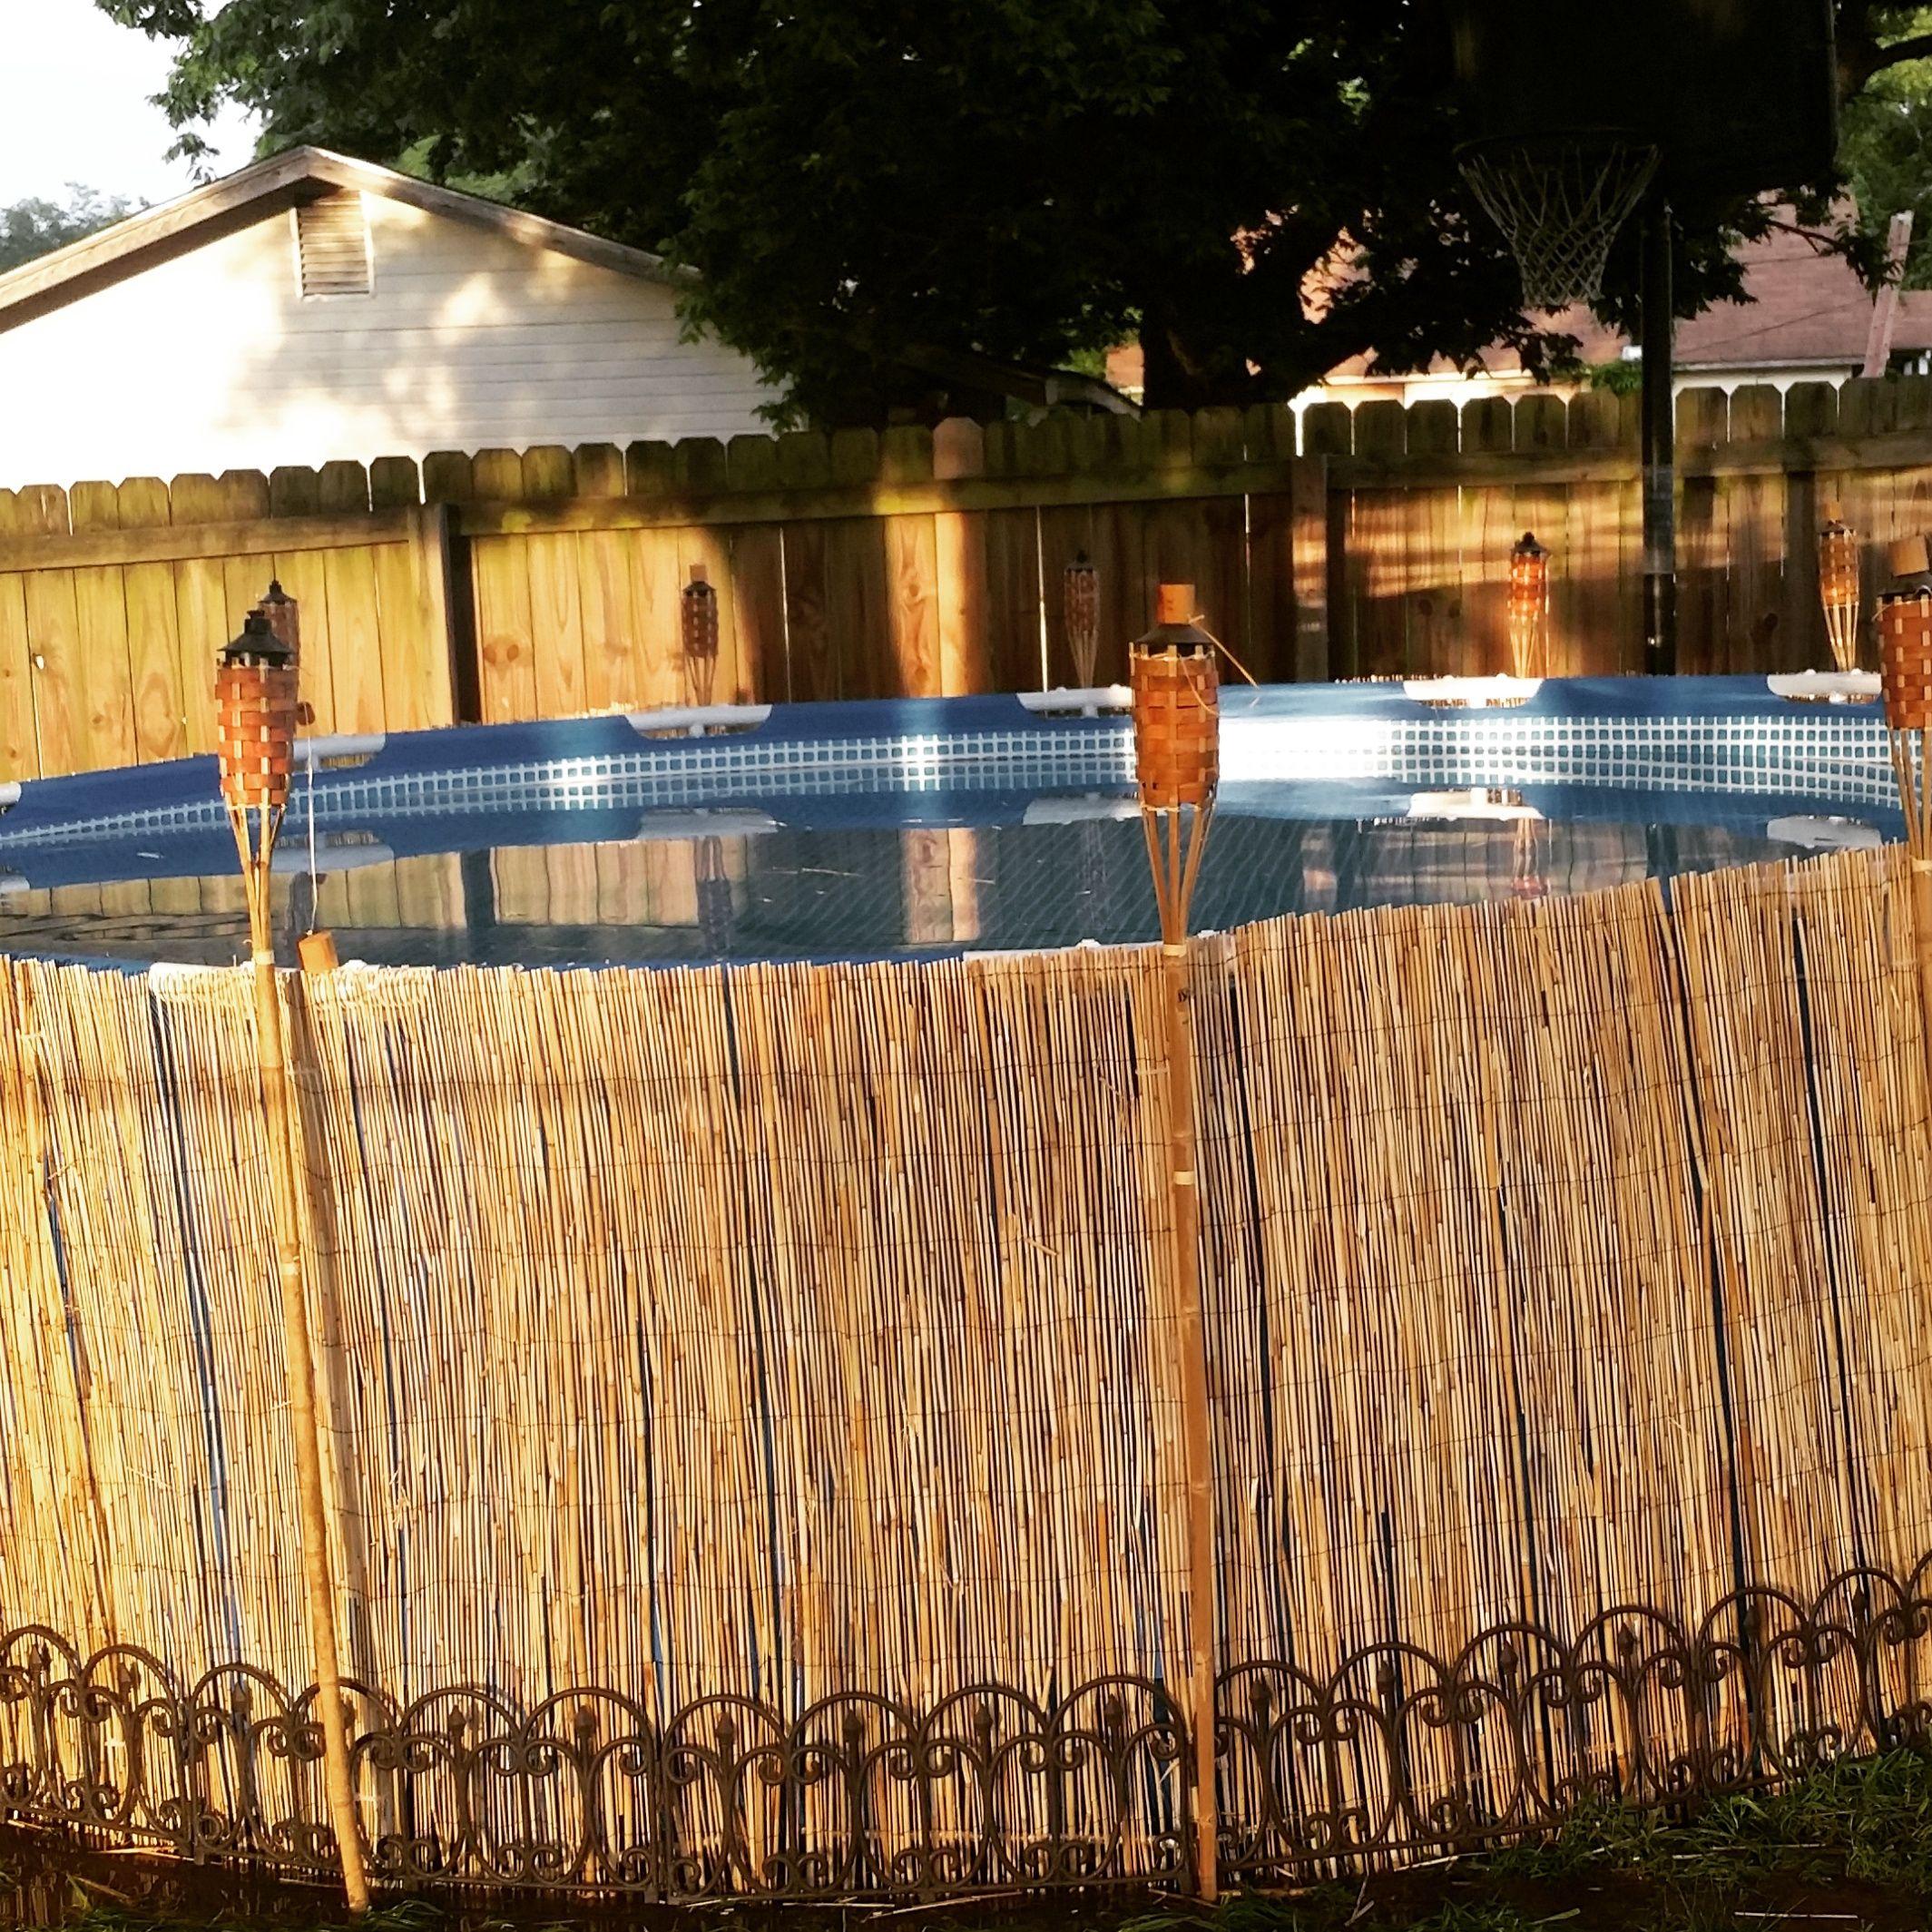 Piscine Tubulaire Habillage Bois amenagement piscine tubulaire une façon simple et jolie d